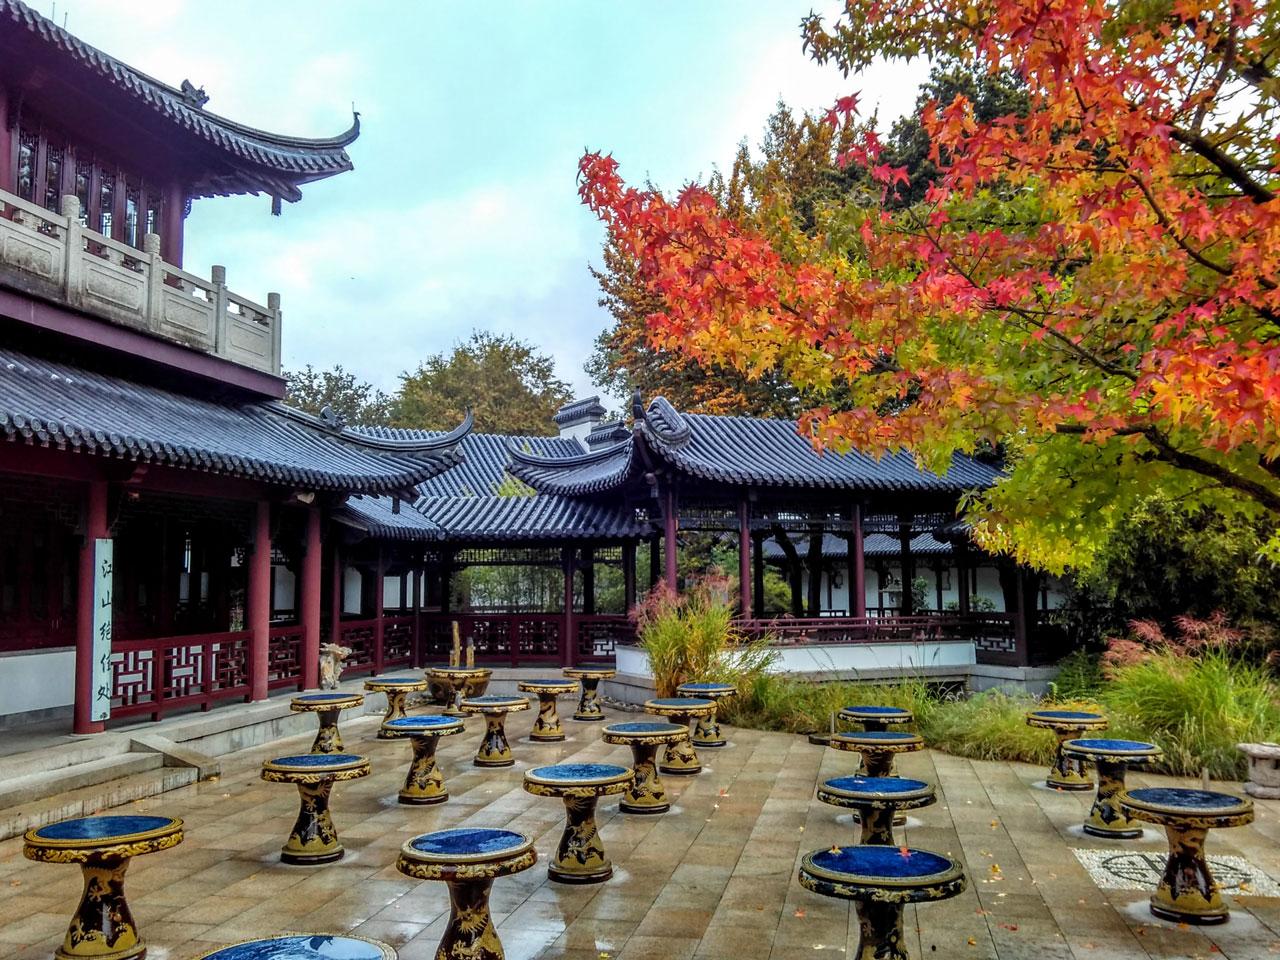 Chinesischer Garten Stuttgart Preise Ulmer Verlag Bücher